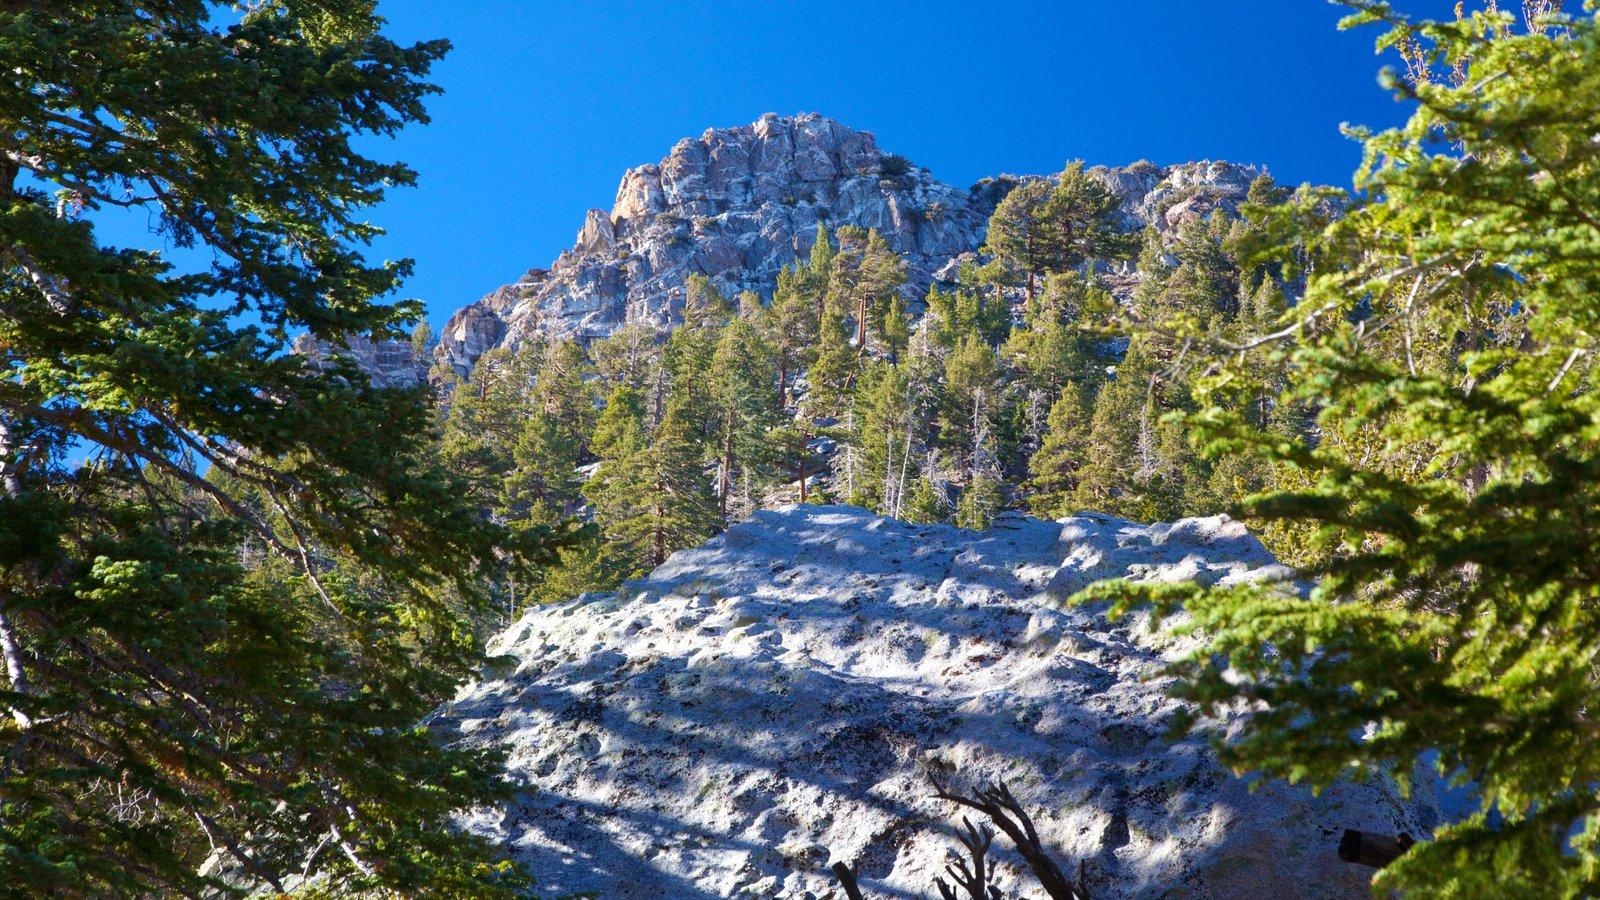 Palm Springs ofreciendo vistas de paisajes, un barranco o cañón y montañas